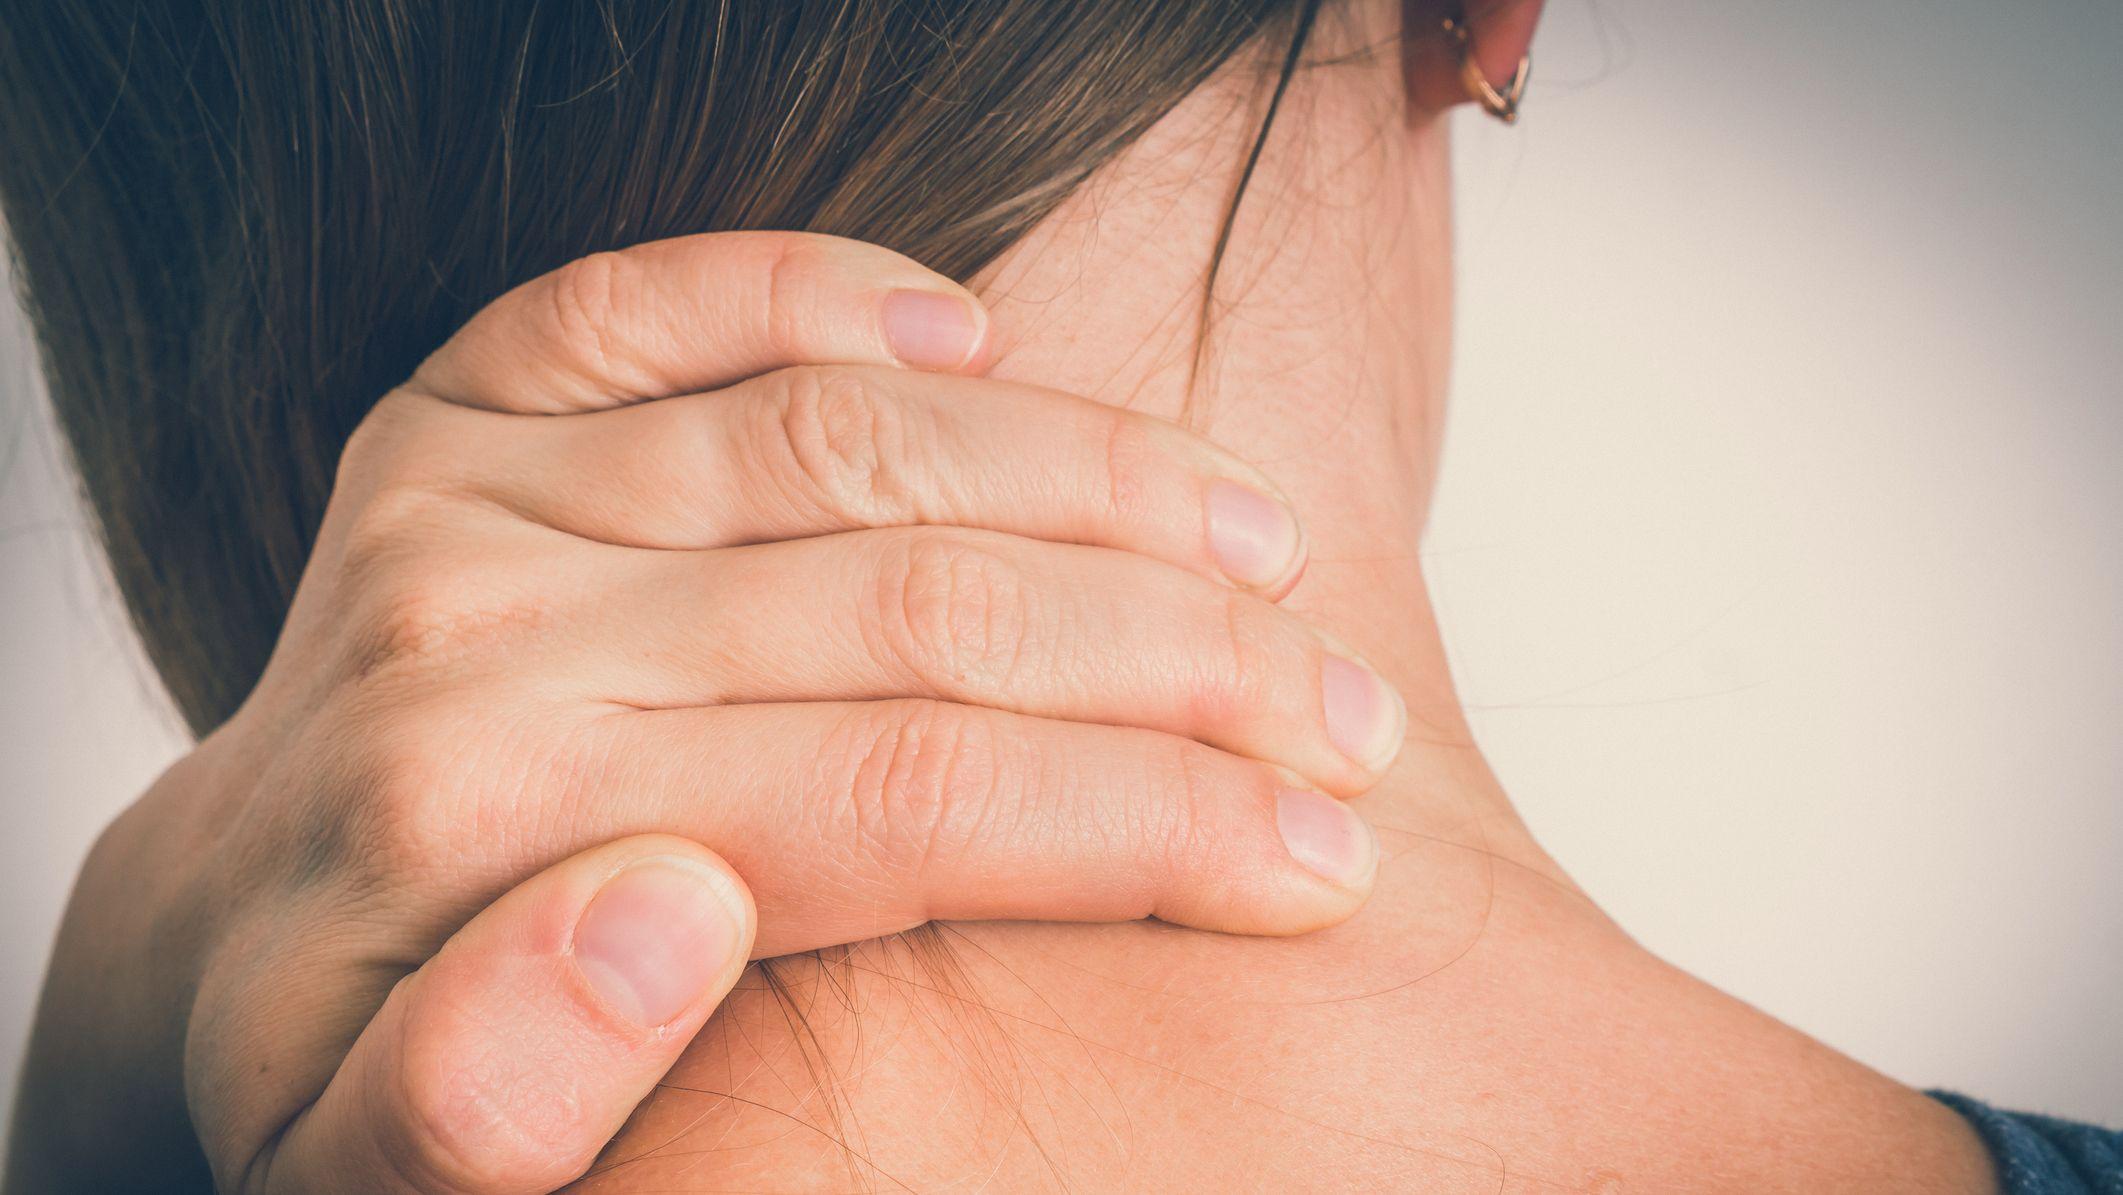 Arthritis és arthrosis: mi a különbség az ízületi betegségek között? - Homorú-domború lencse July